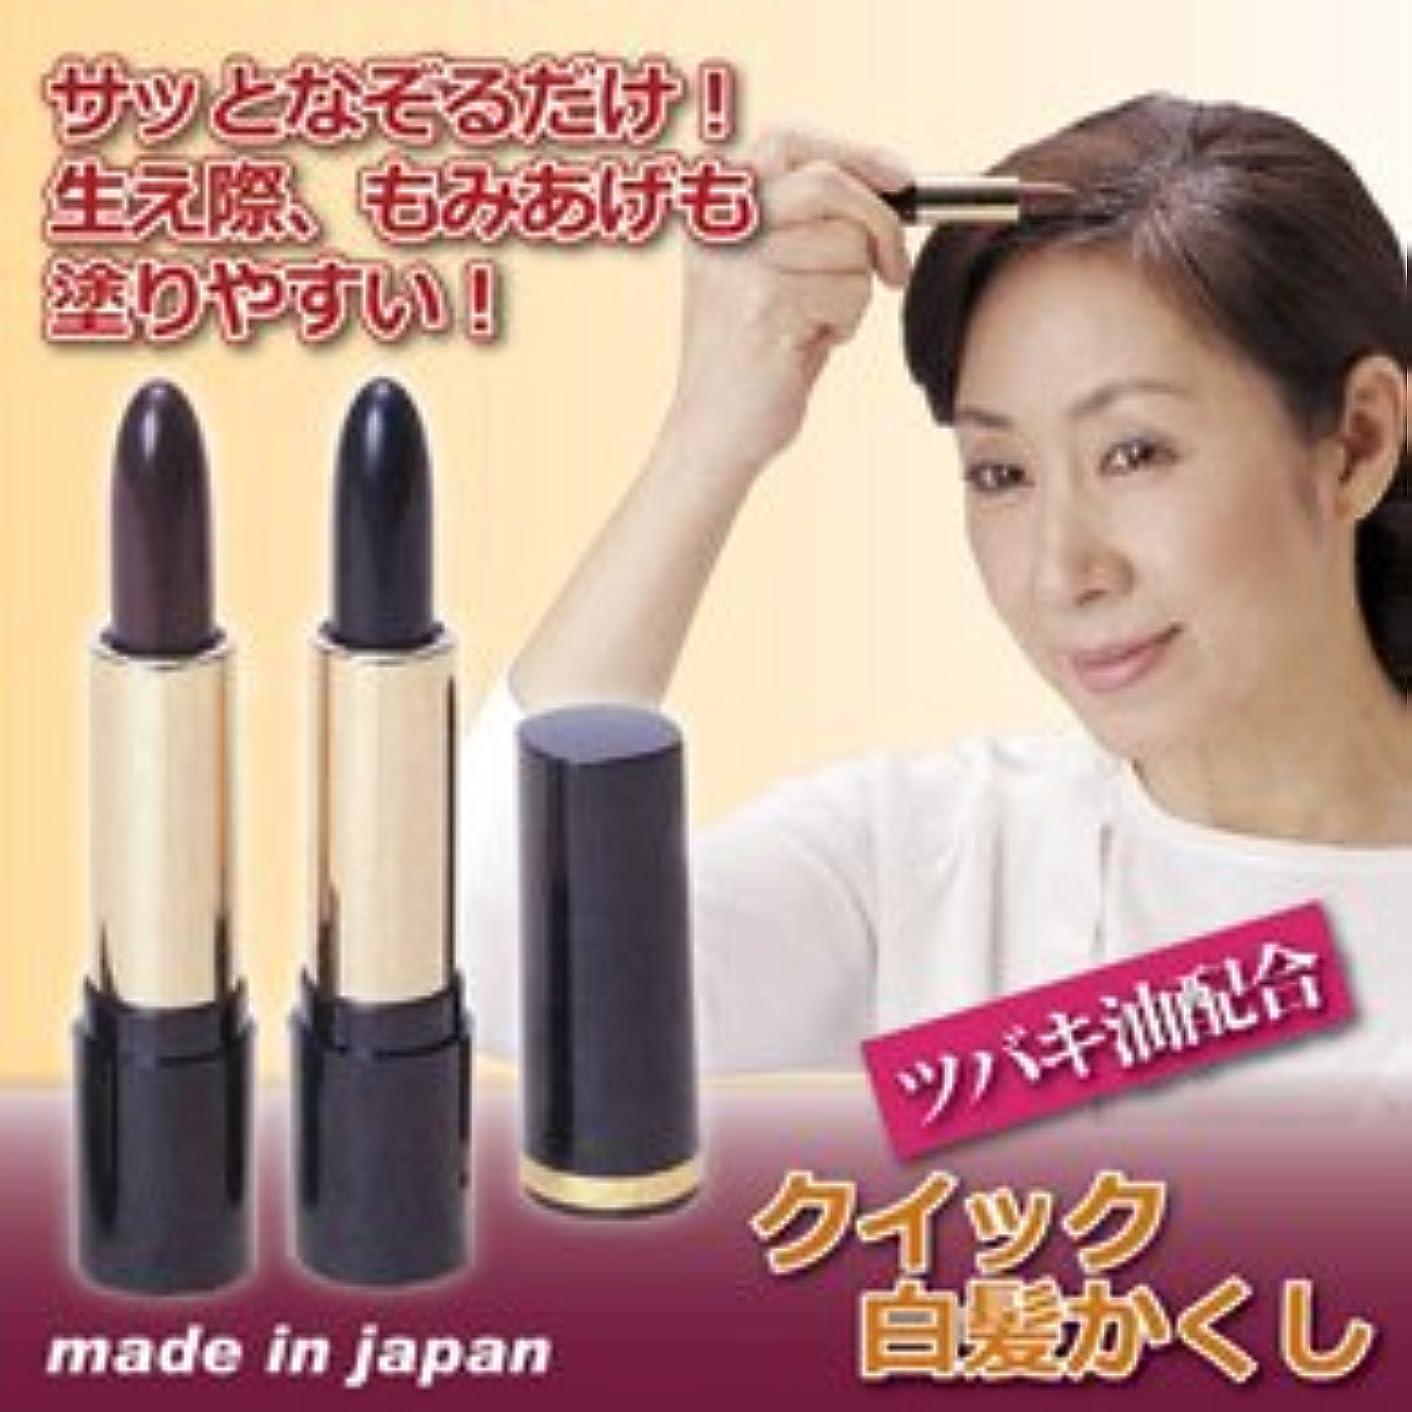 骨定義する拡大する大阪化粧品 クイック白髪かくし ブラウン 8078232